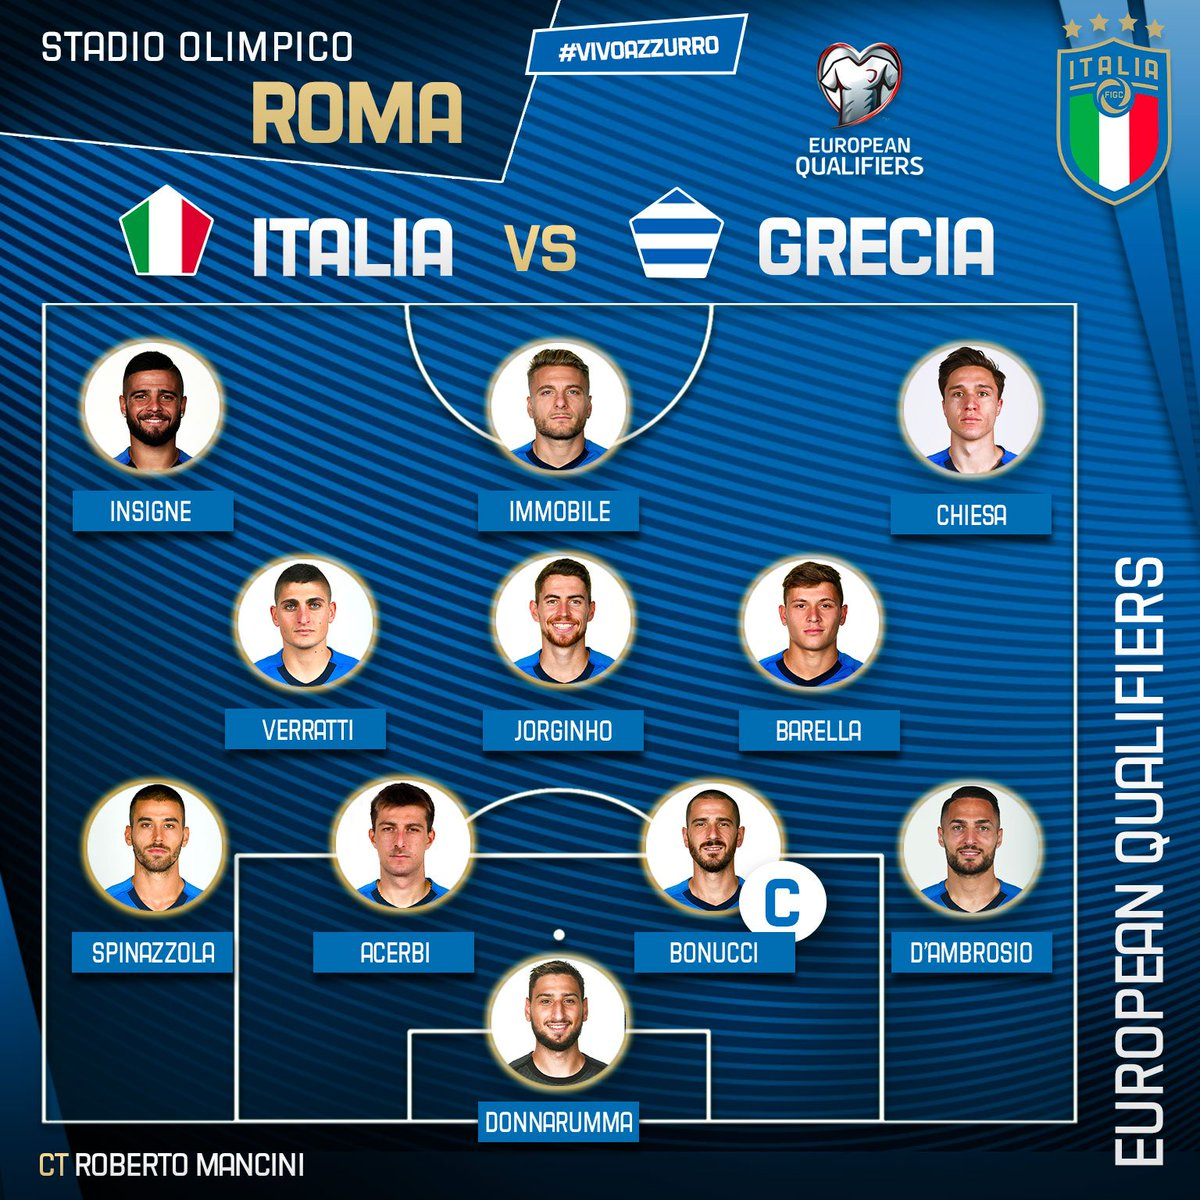 Onze Italie